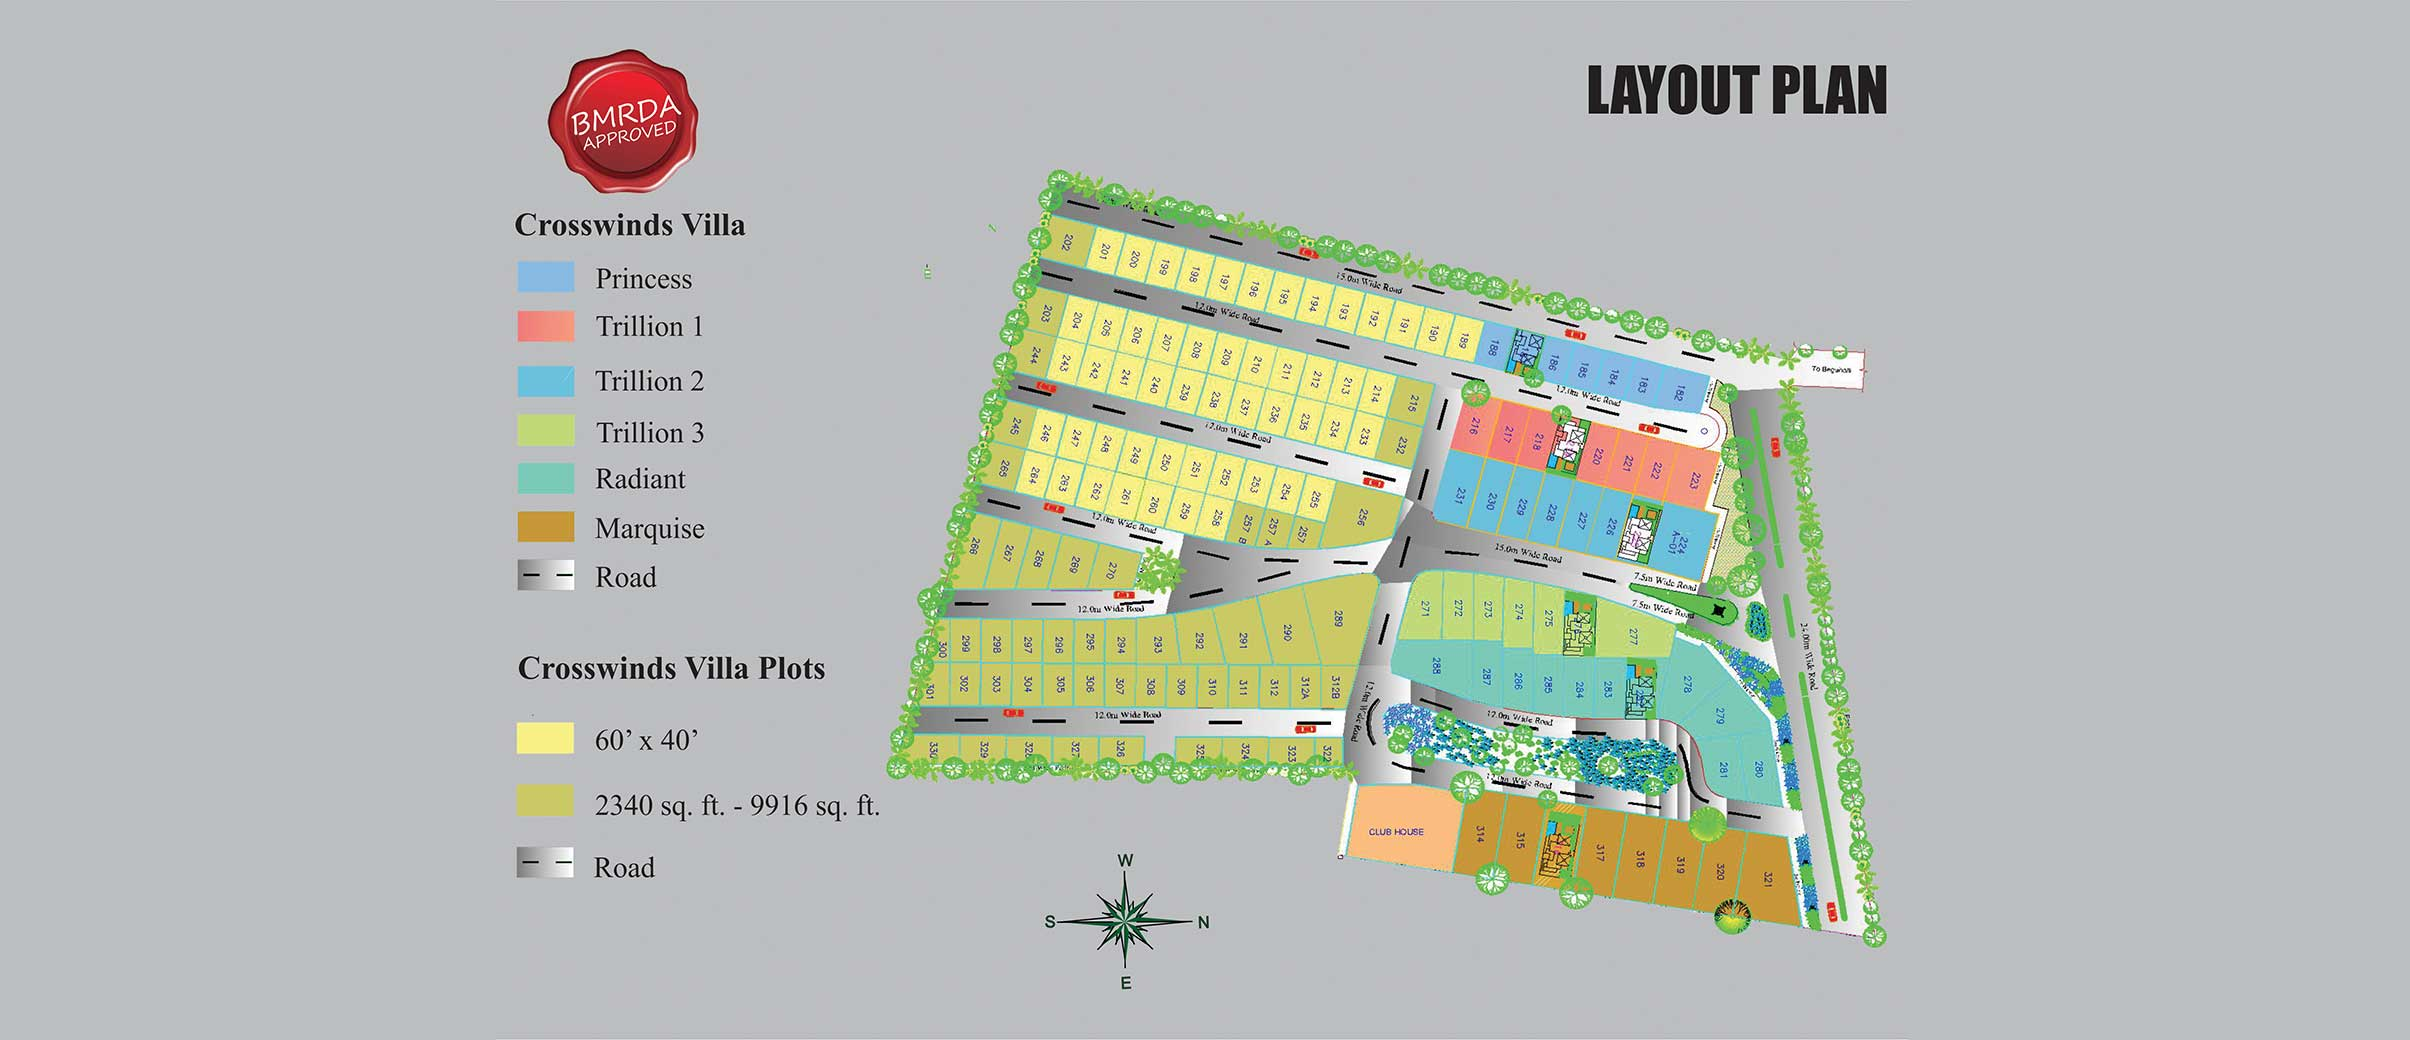 Pride Crosswinds Villa Plots - Master Plan